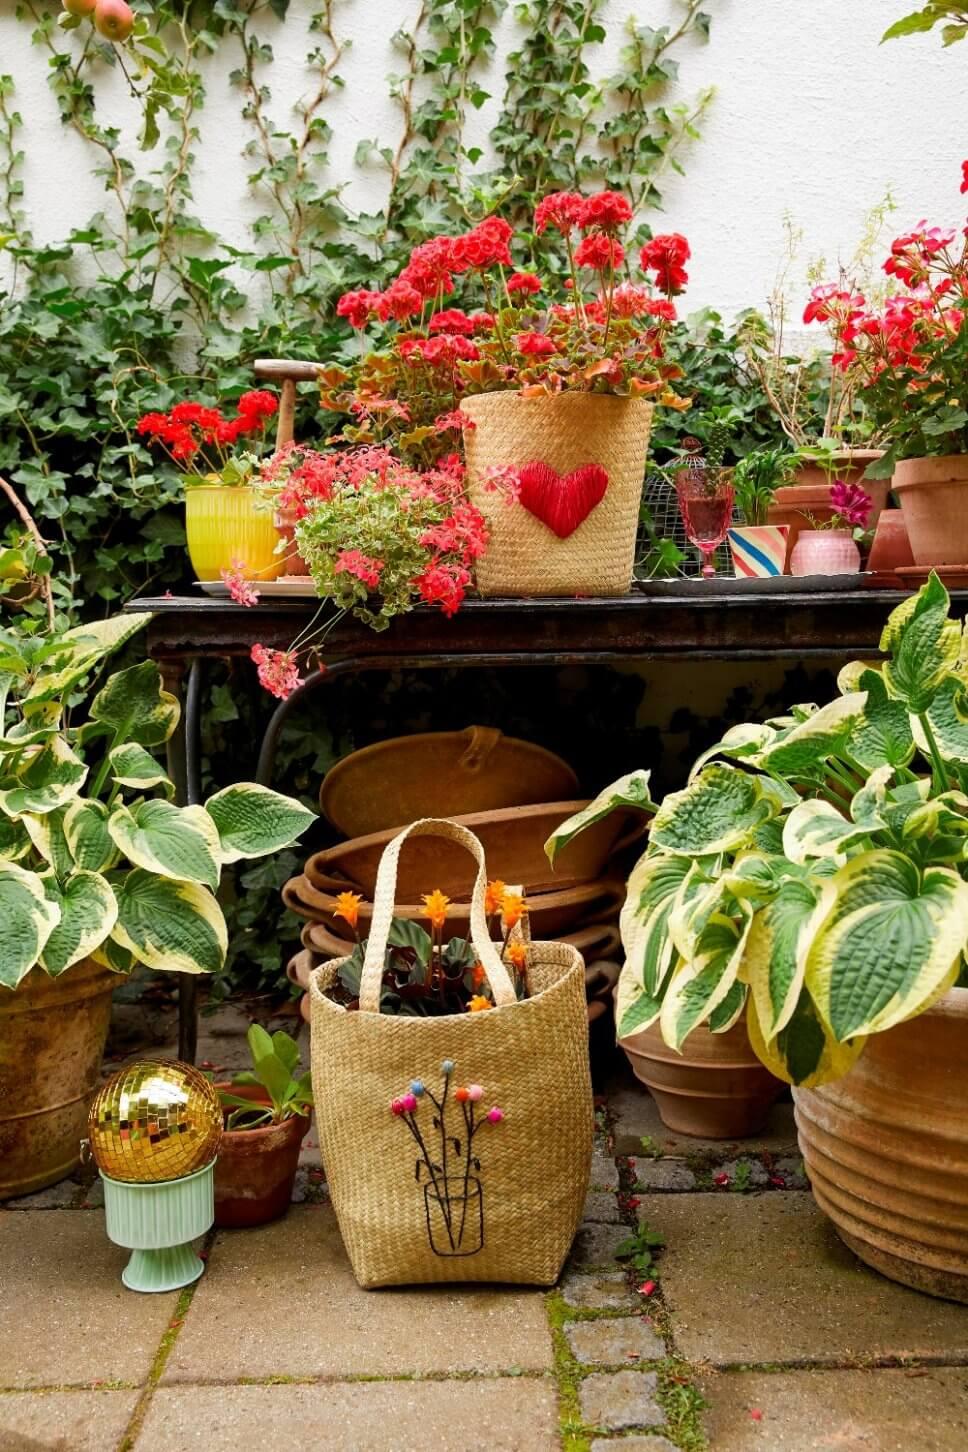 Üppig mit Kübelpflanzen bepflanzte Terrasse